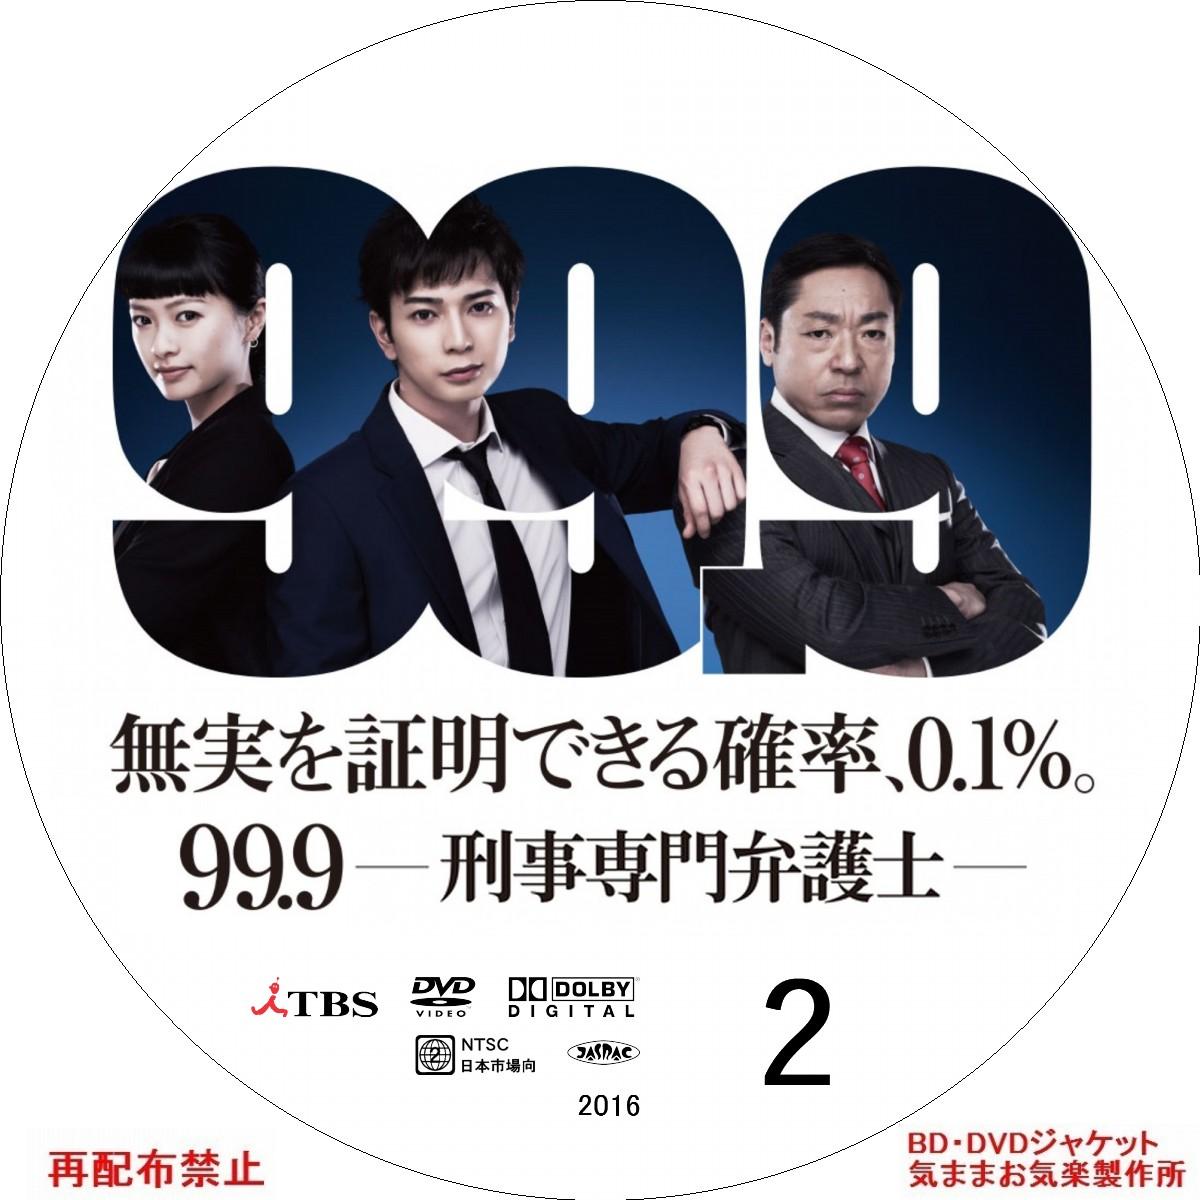 999_DVD02.jpg